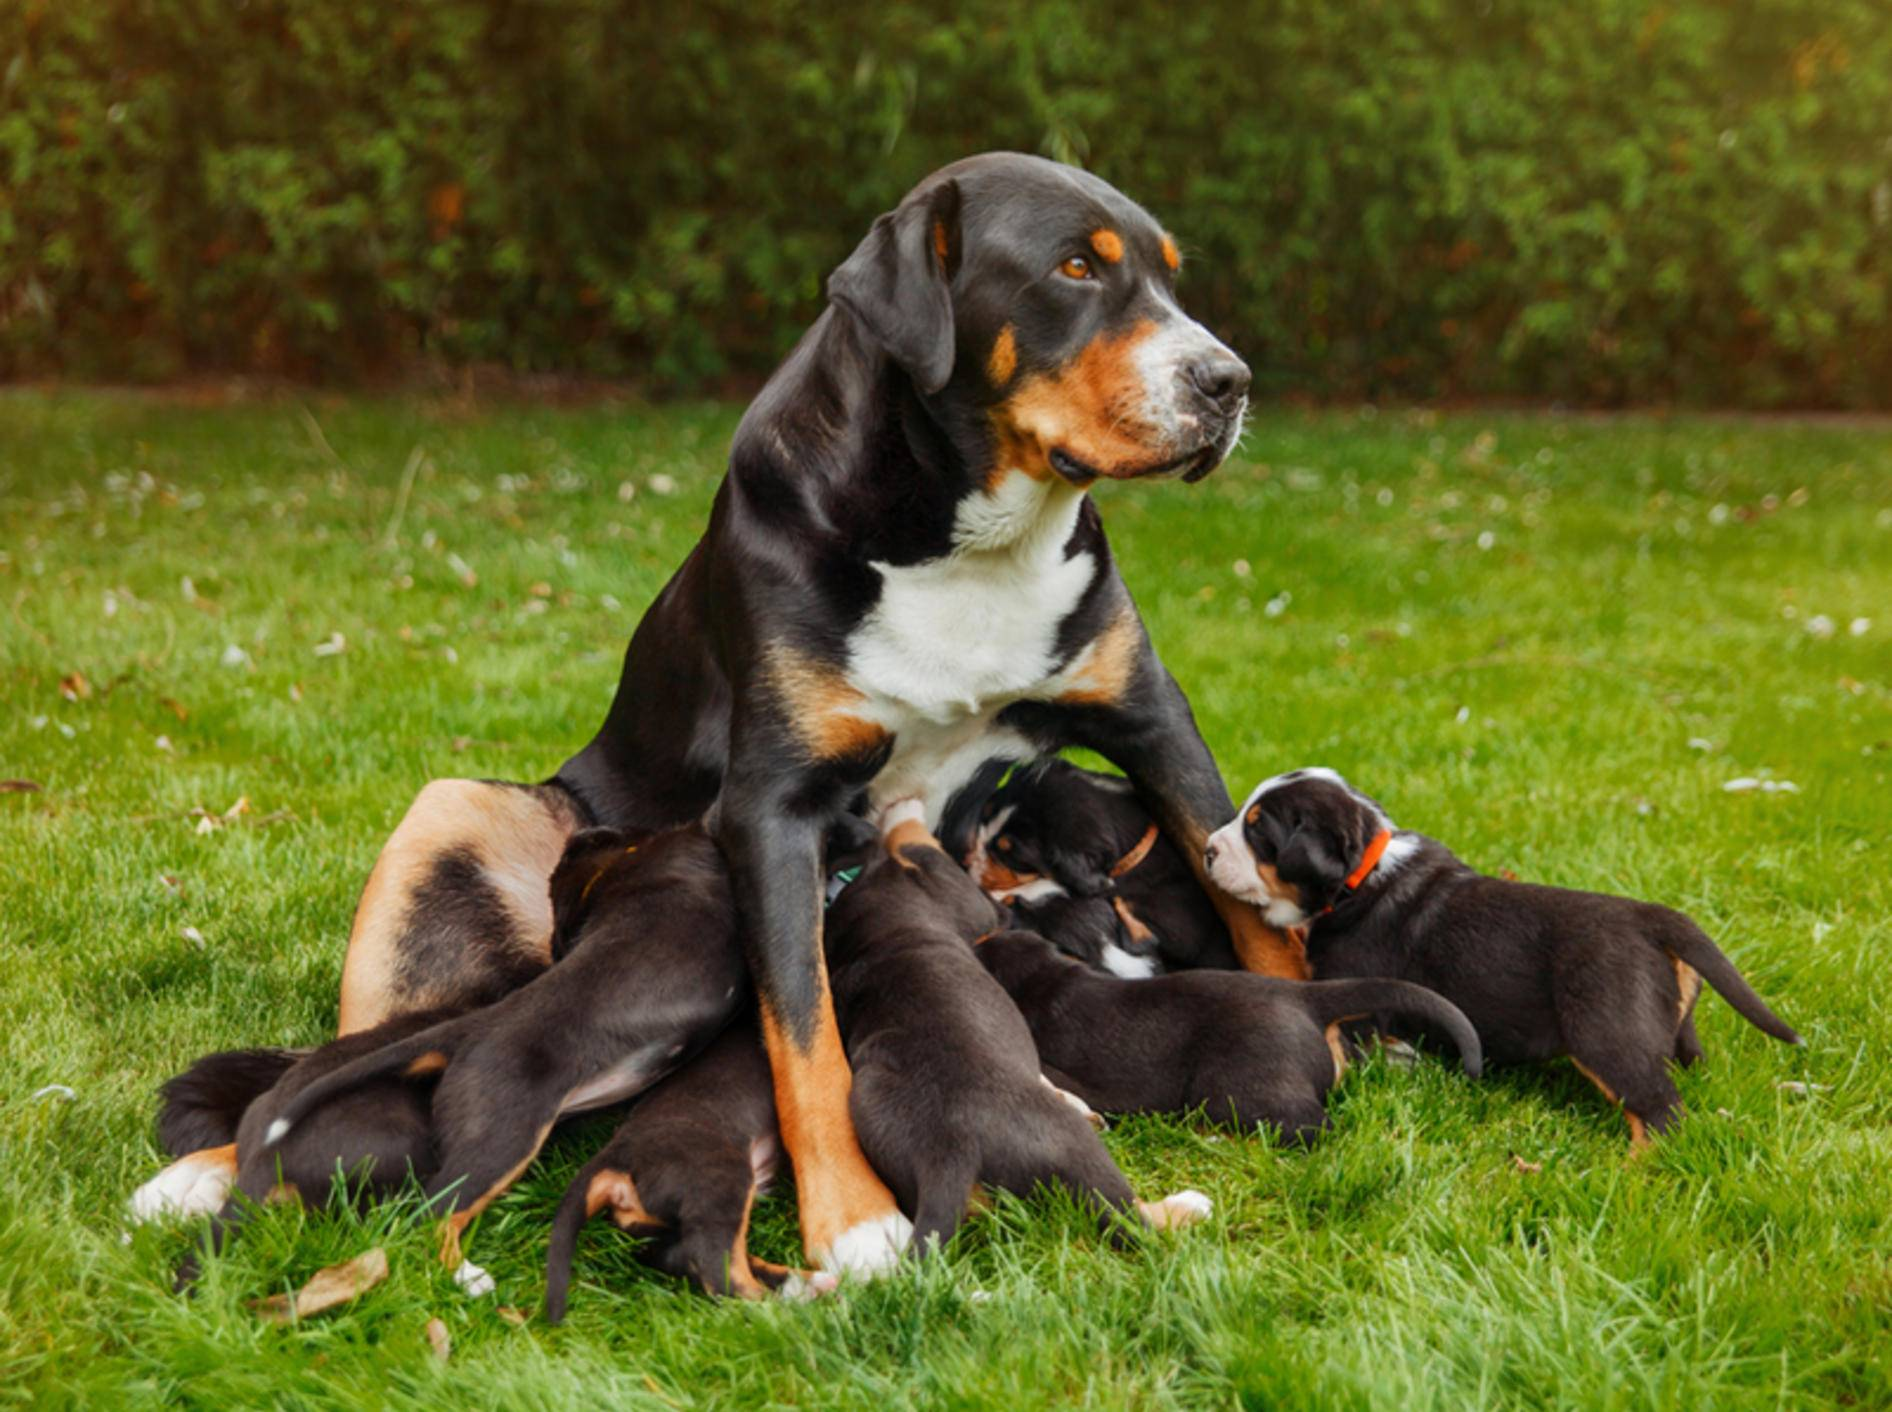 Wenn eine säugende Hündin so viele Junge versorgen muss, braucht sie viel Energie – Shutterstock / Zuzana Uhlíková